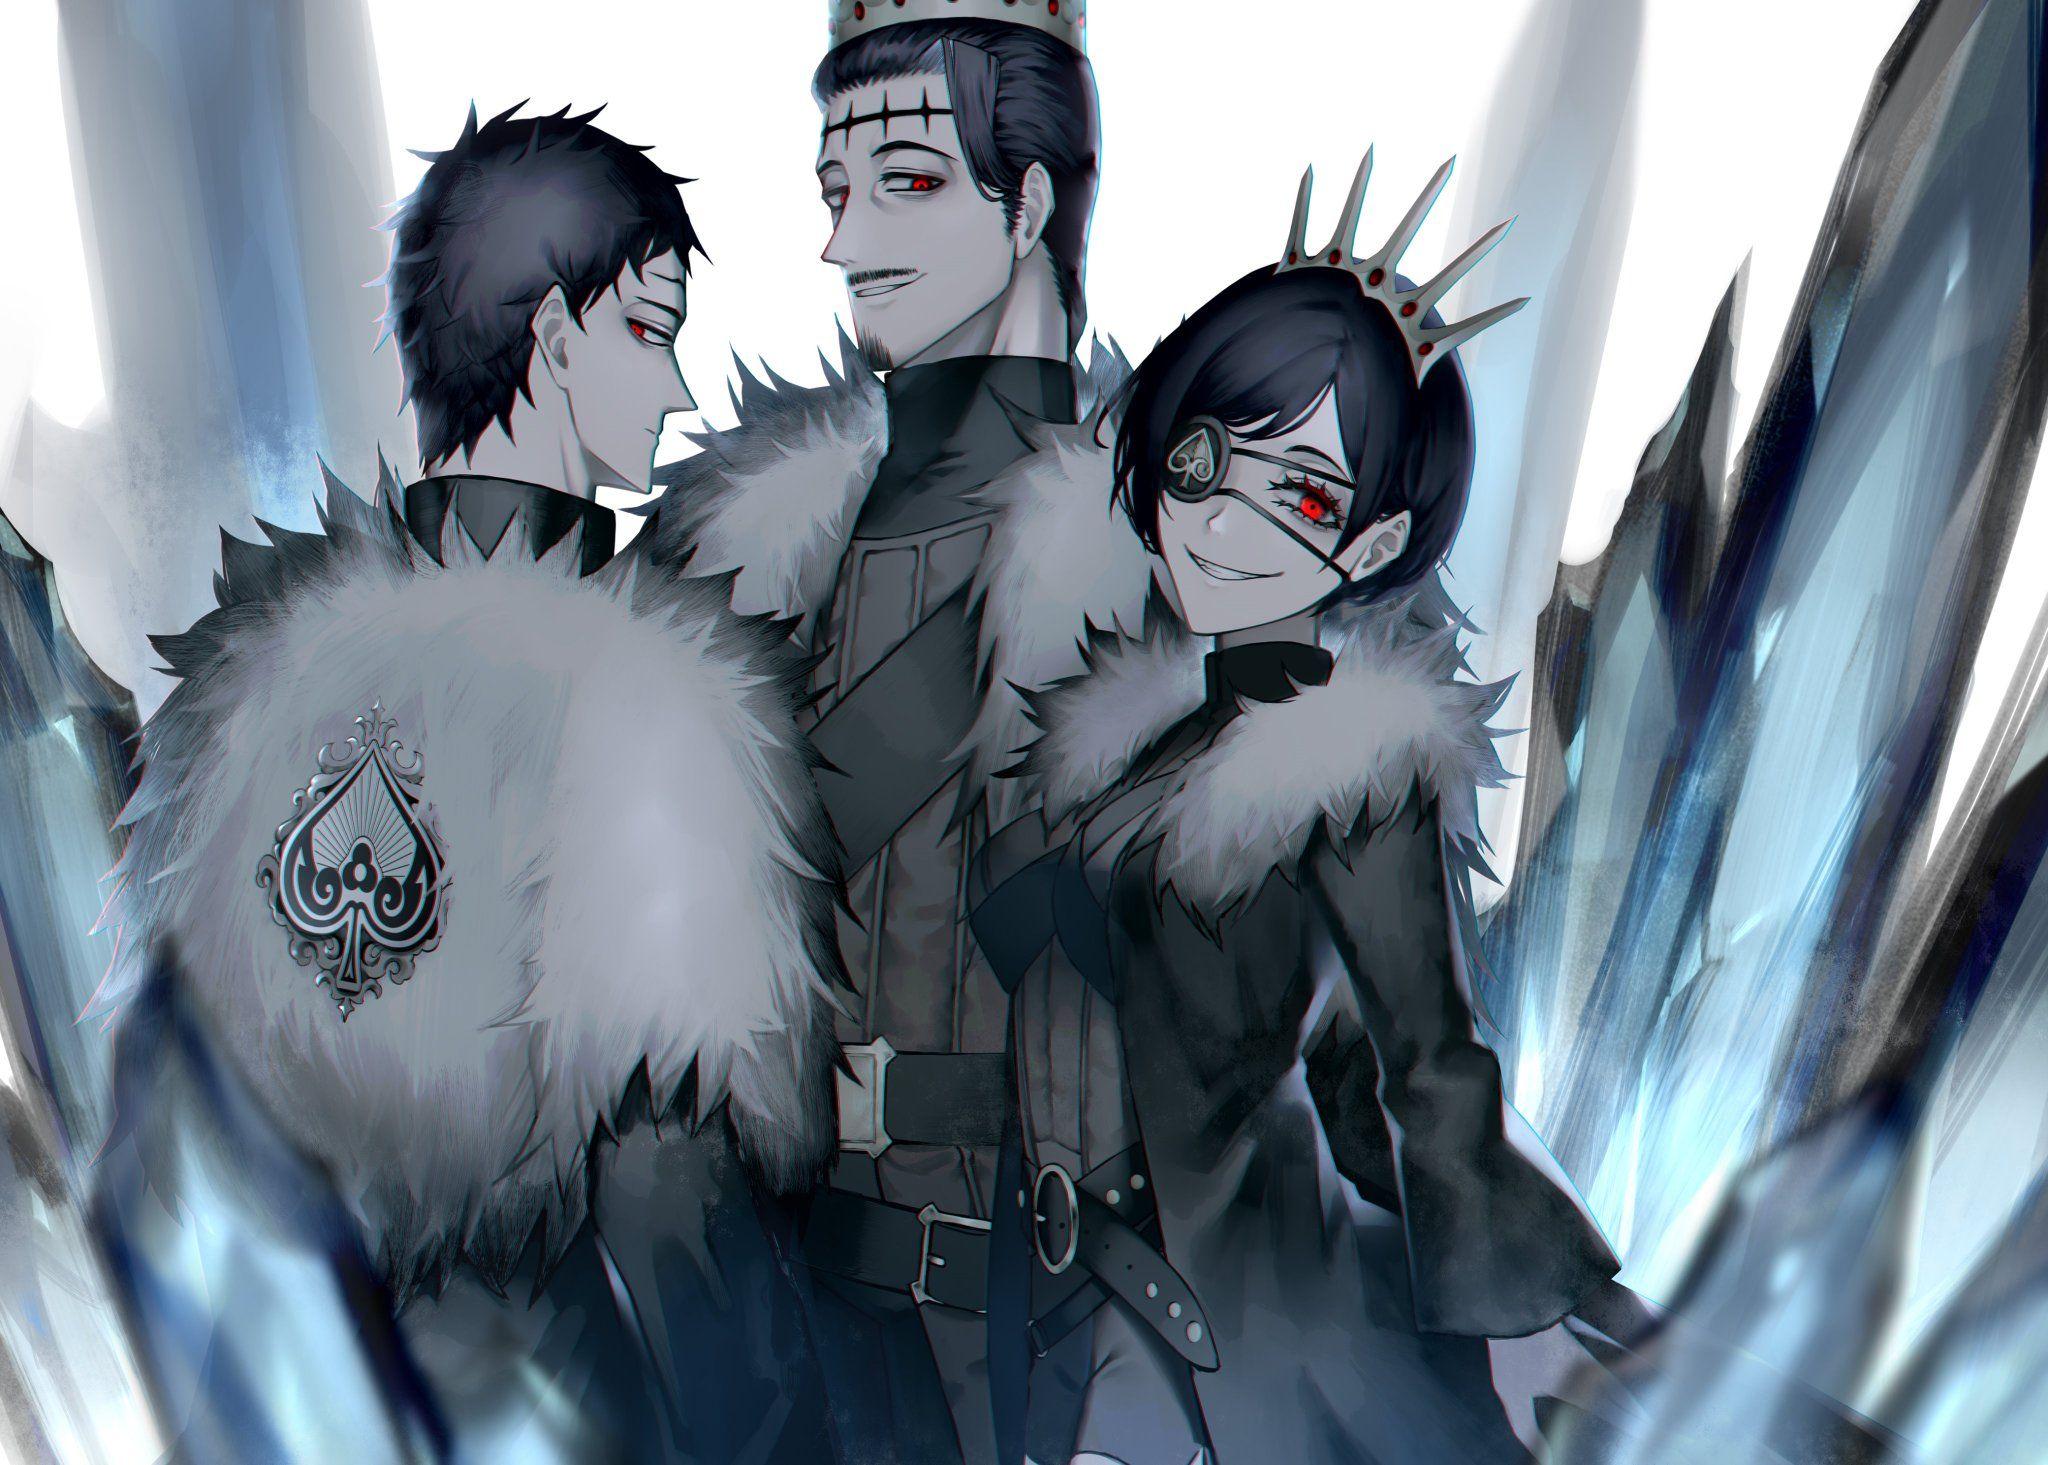 Sword art online wallpaper (1366x768). ふりっつ on Twitter   Black clover anime, Black bull, Clover